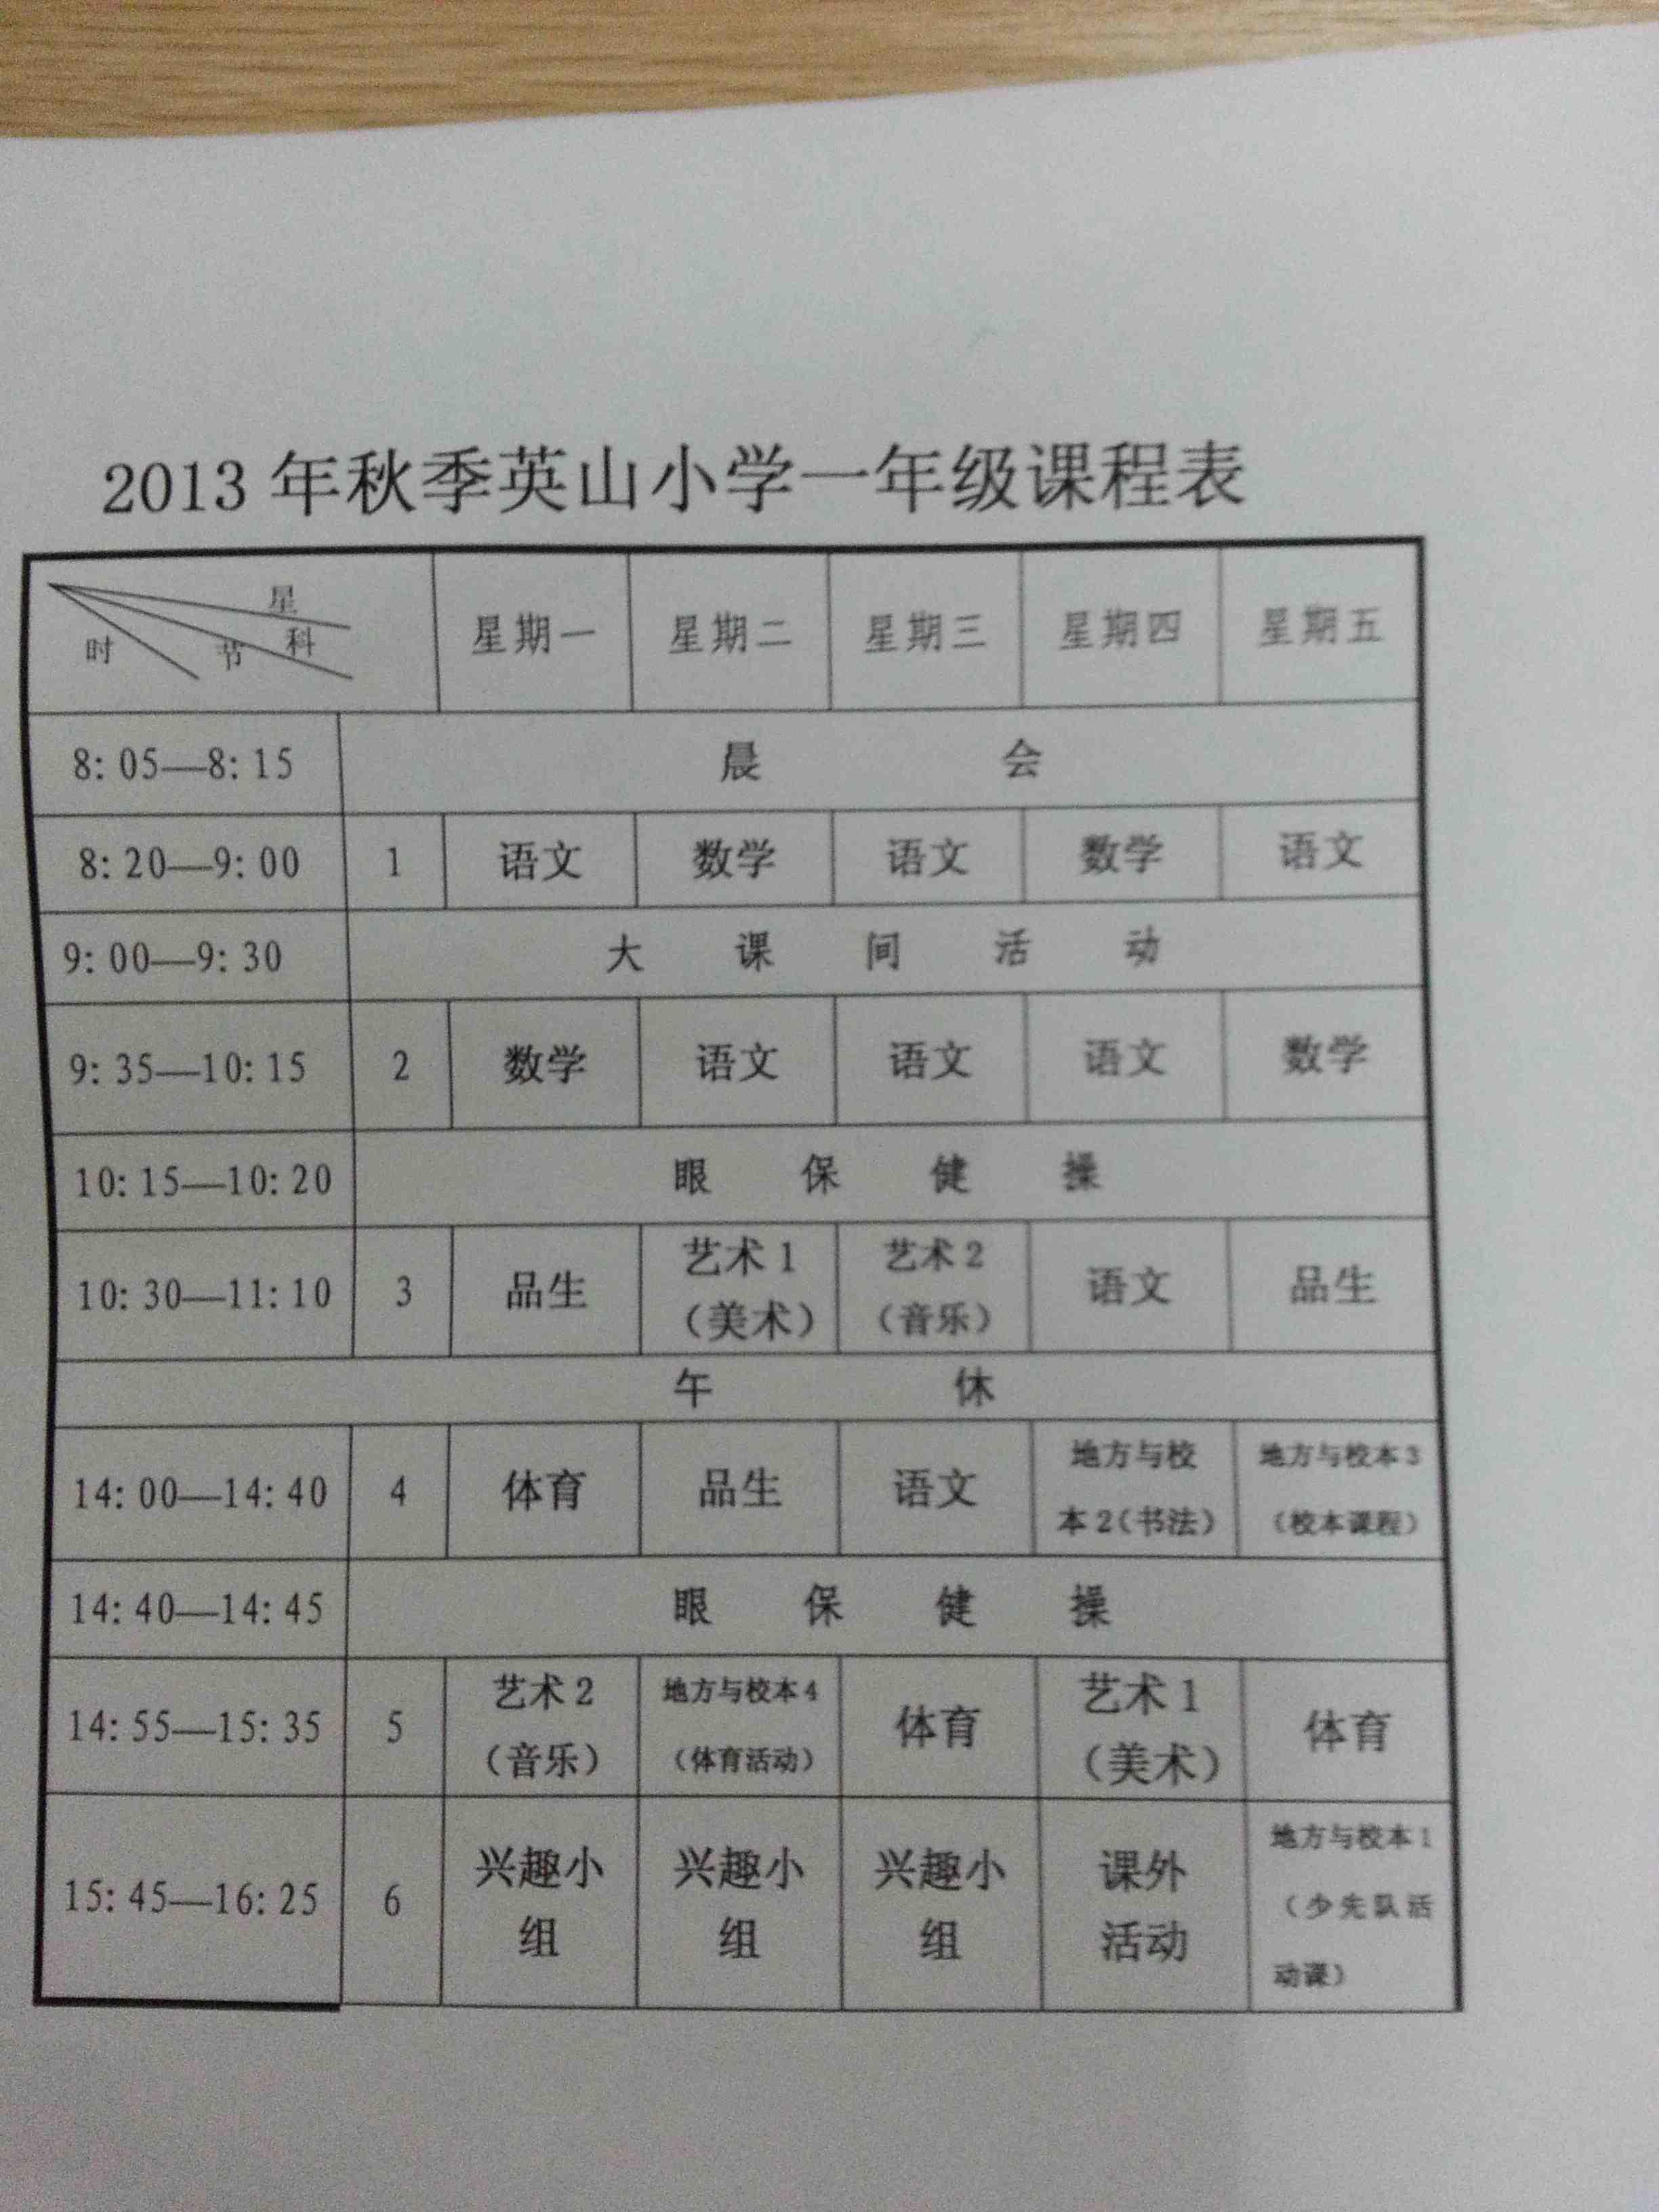 晋江市英山小学一年级课程表